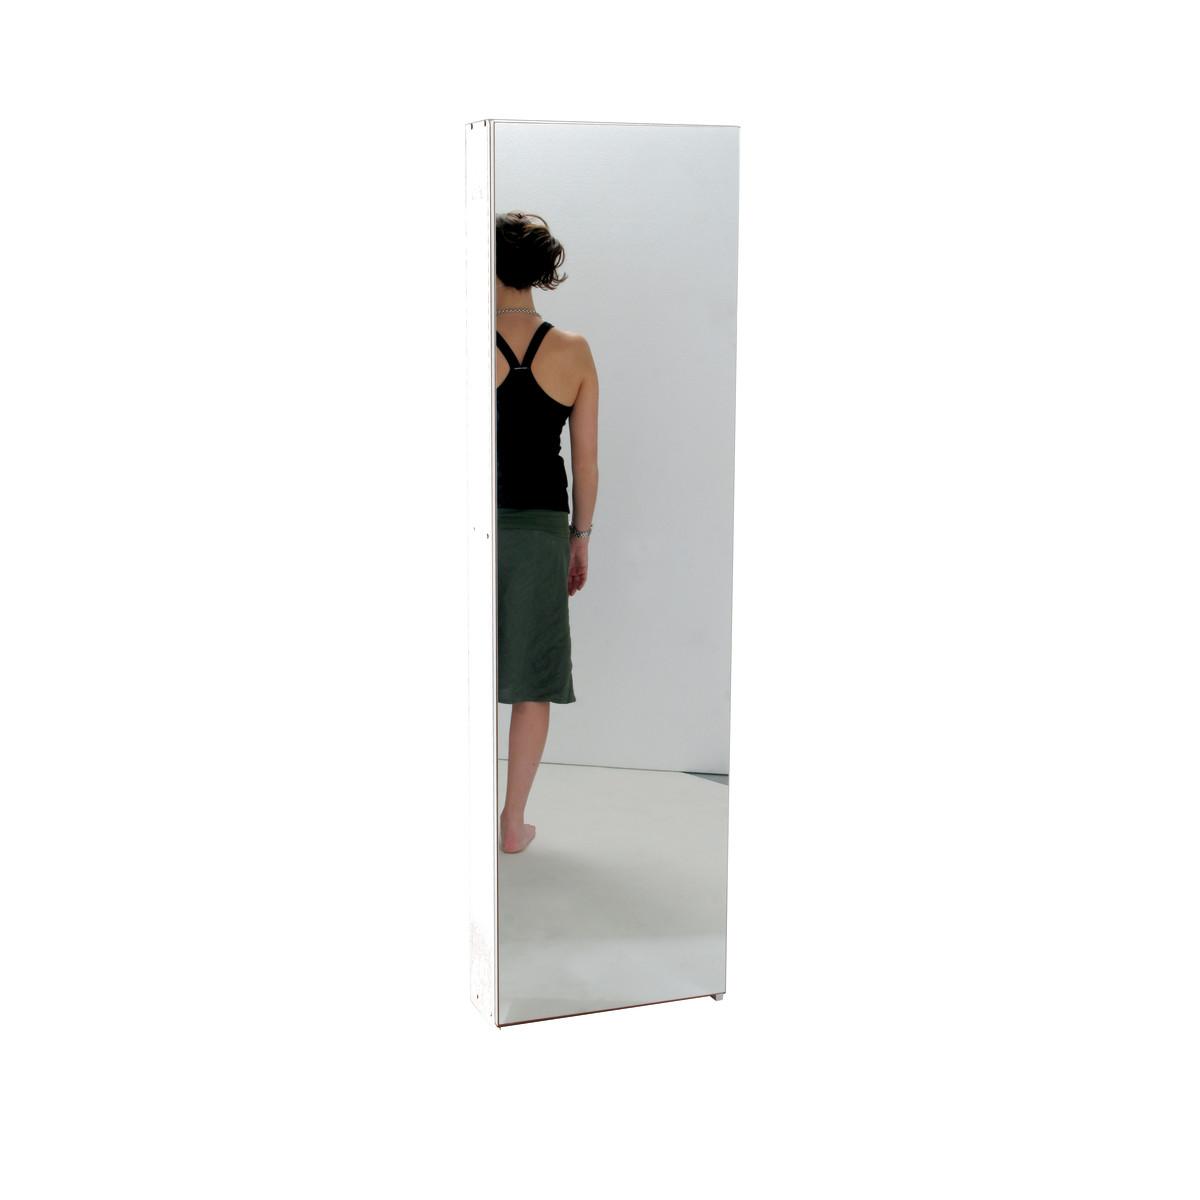 Scarpiera a specchio h8228 prezzo e offerte sottocosto - Scarpiera a specchio leroy merlin ...